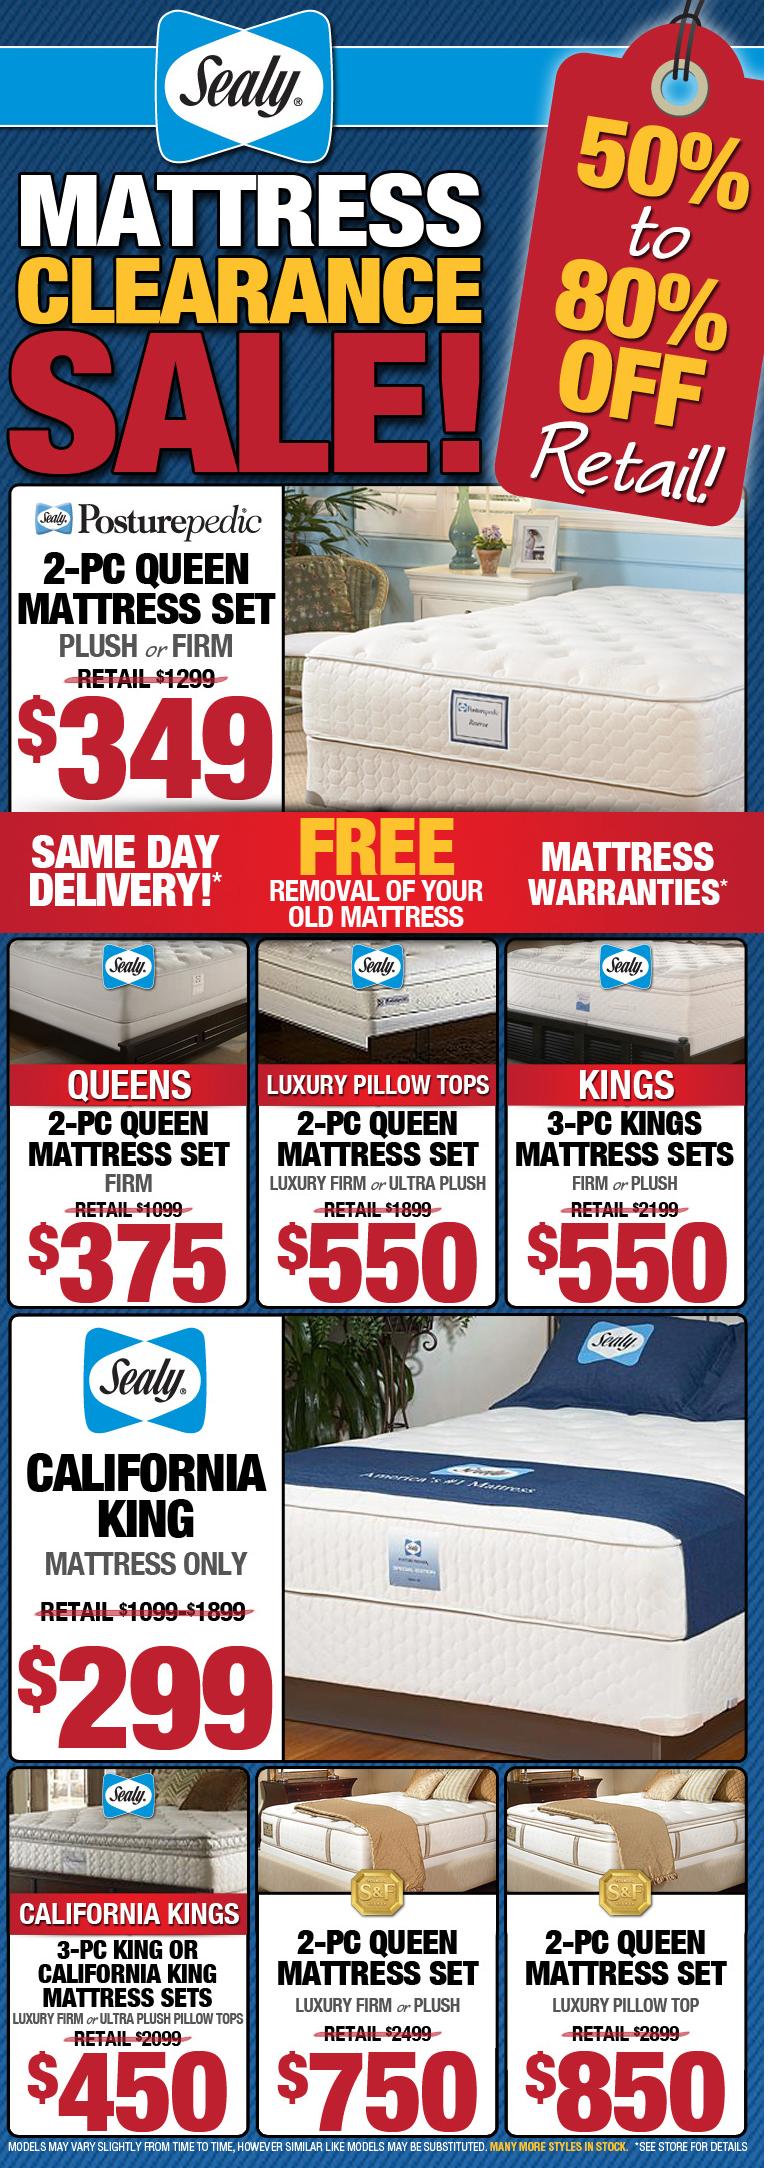 Sealy Snow Bird Mattress Sale Mattress Depot Az 480 473 5778 Discount Mattresses Mattress Luxury Pillows